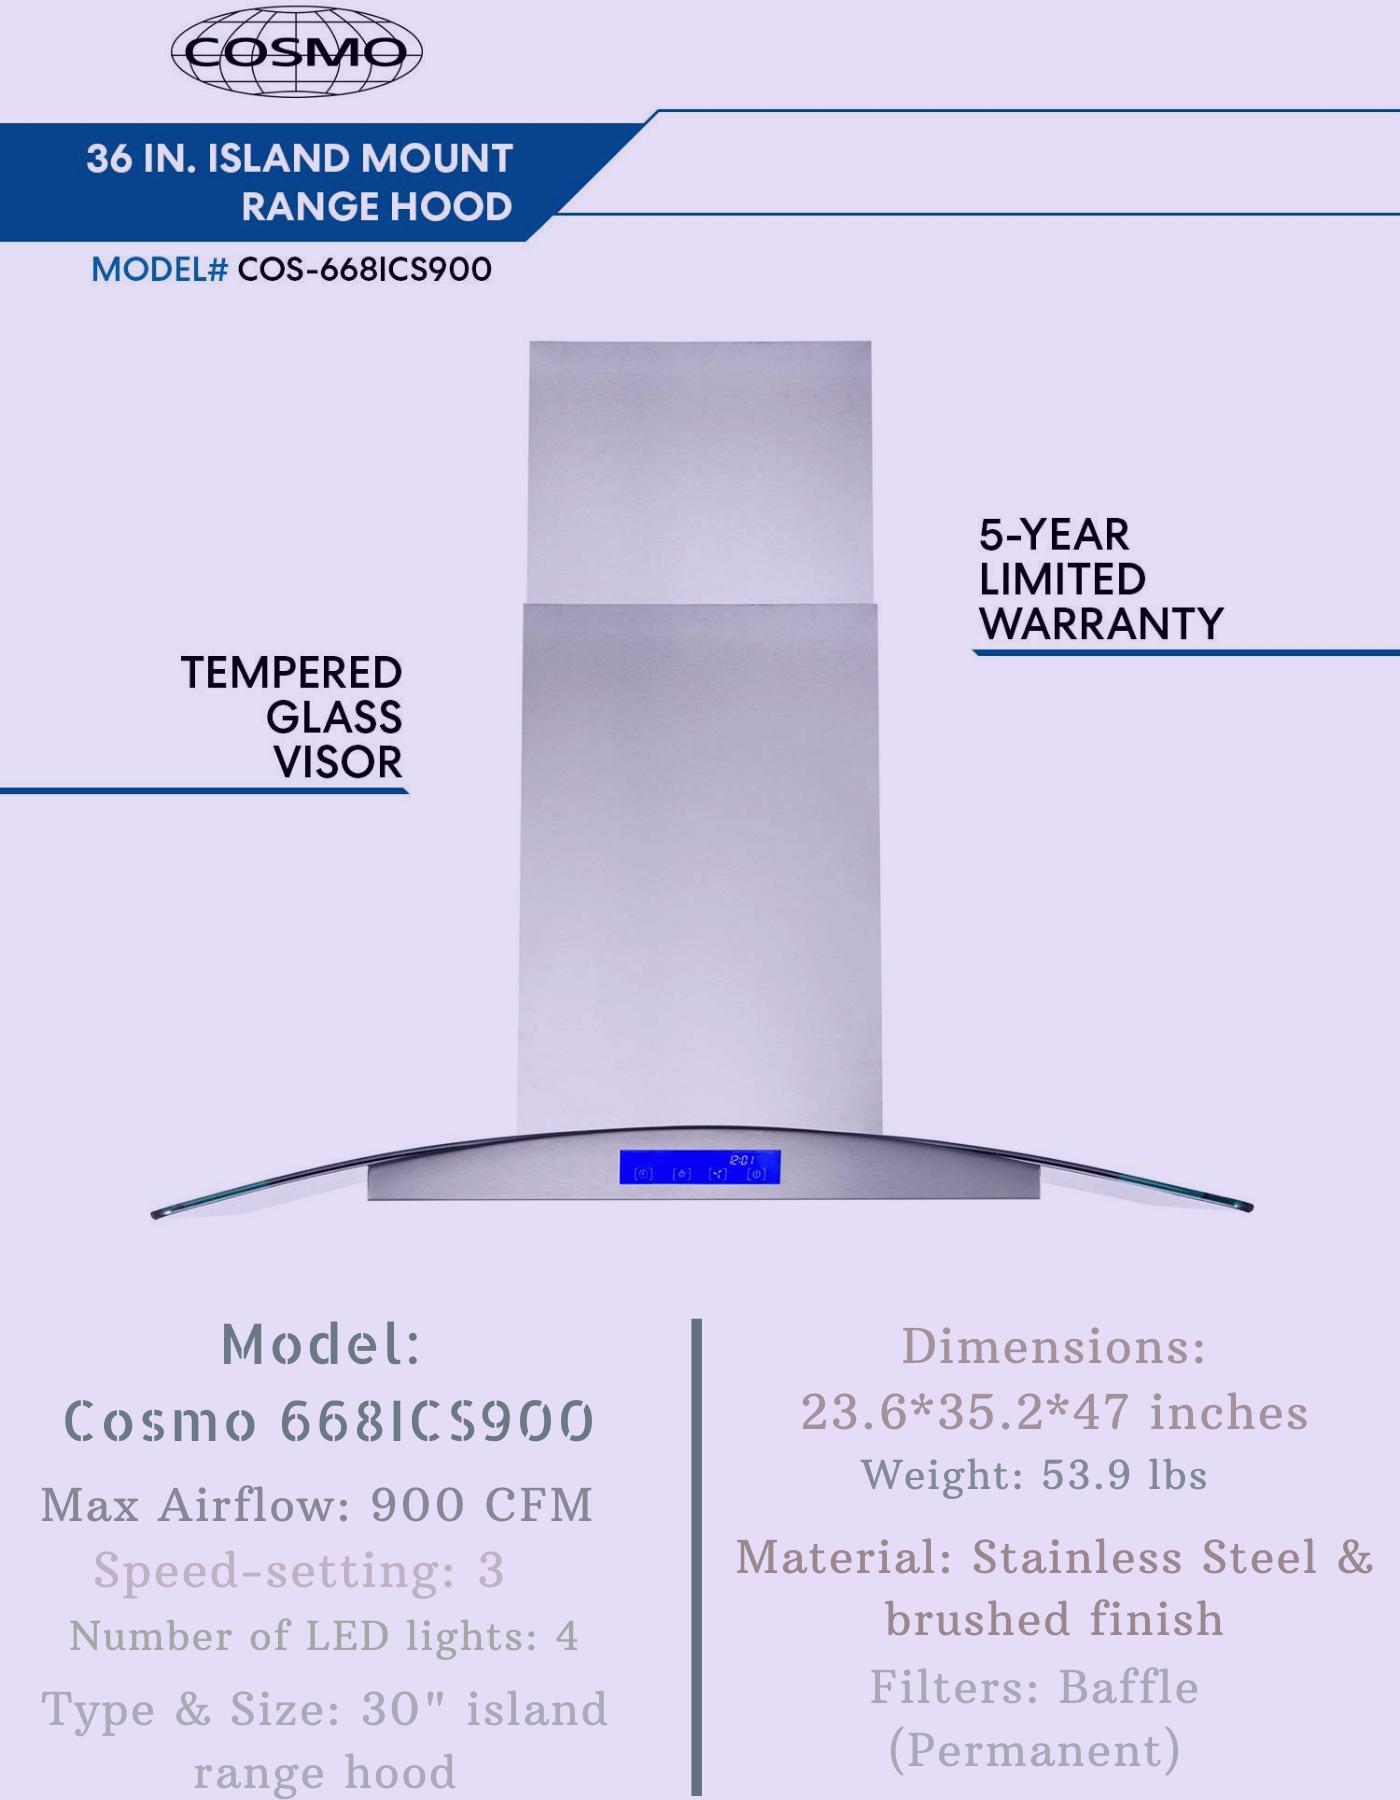 Cosmo 668ics900 Island Mount Range Hood In 2020 Island Range Hood Range Hood Range Hood Reviews